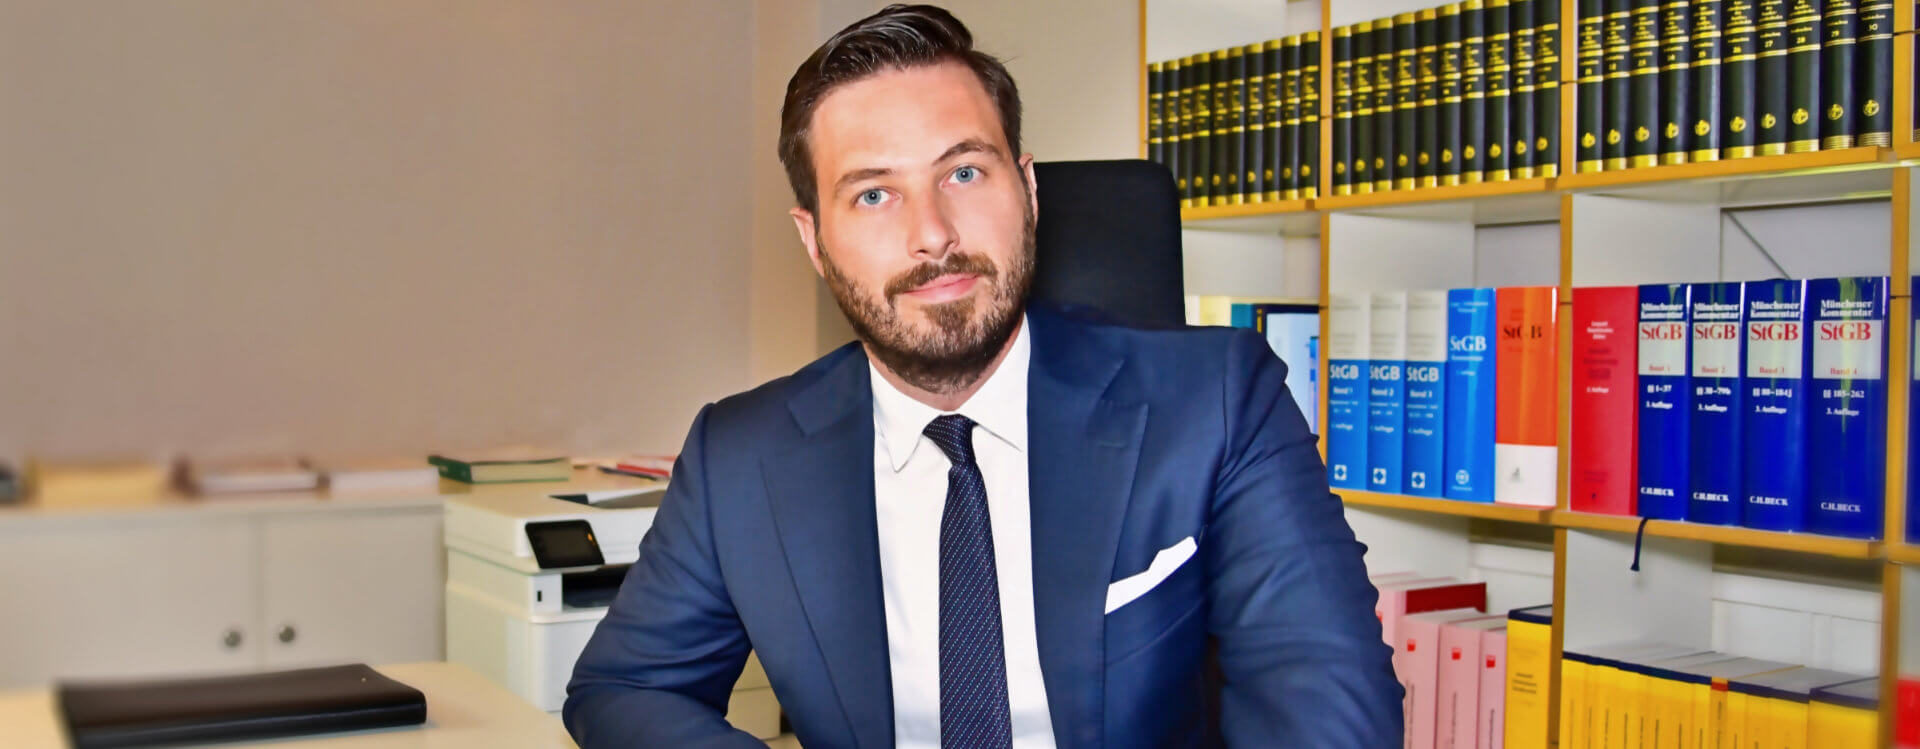 LAUDON || SCHNEIDER: Kanzlei für Strafrecht und Strafverteidigung in Hamburg - Rechtsanwalt Dr. Frédéric Schneider